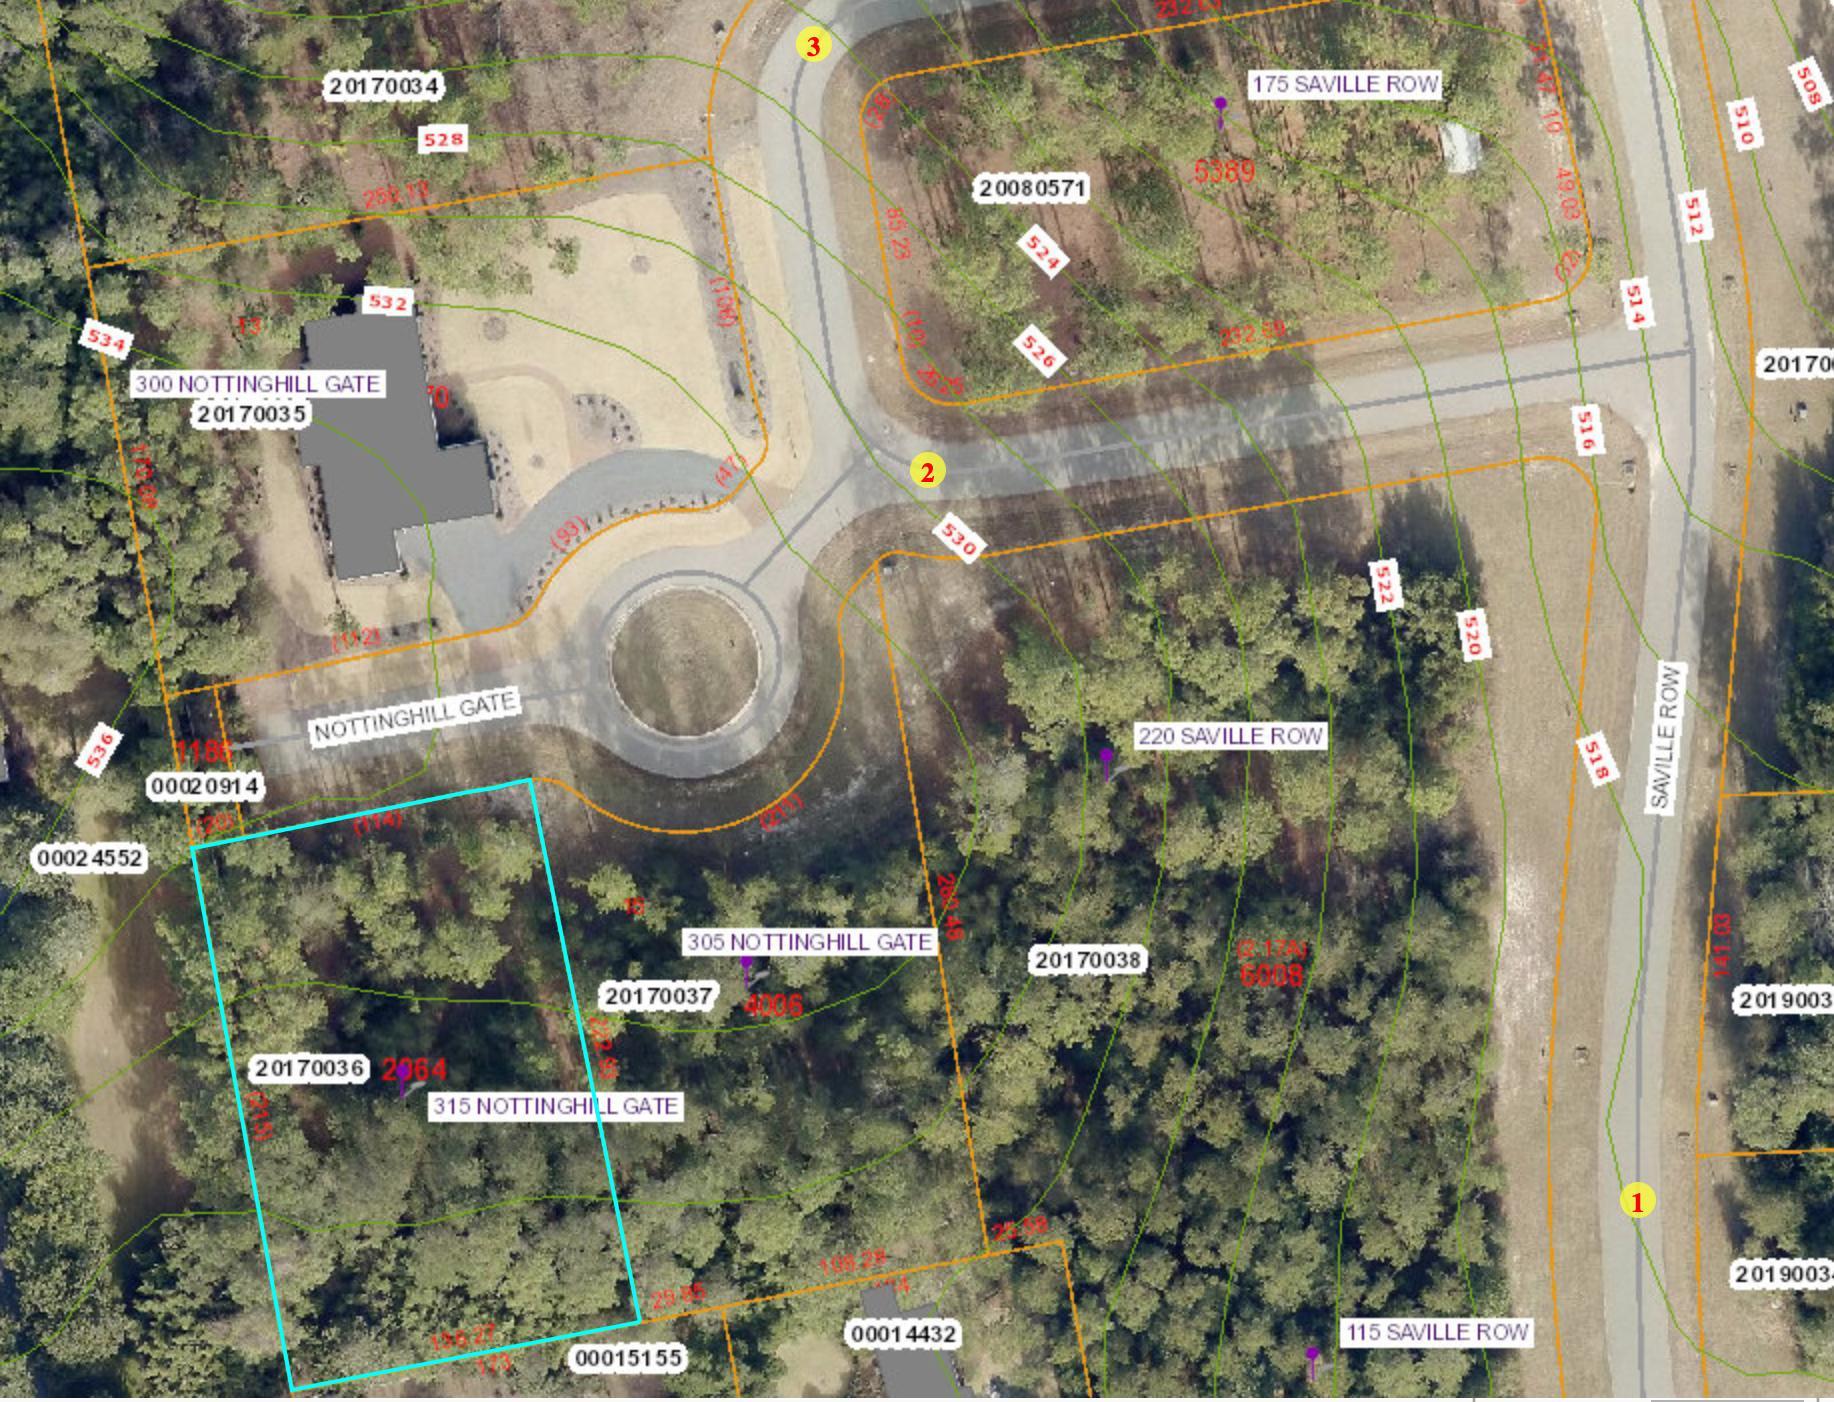 Nottinghill Gate   Linden Clos 14, Pinehurst, North Carolina